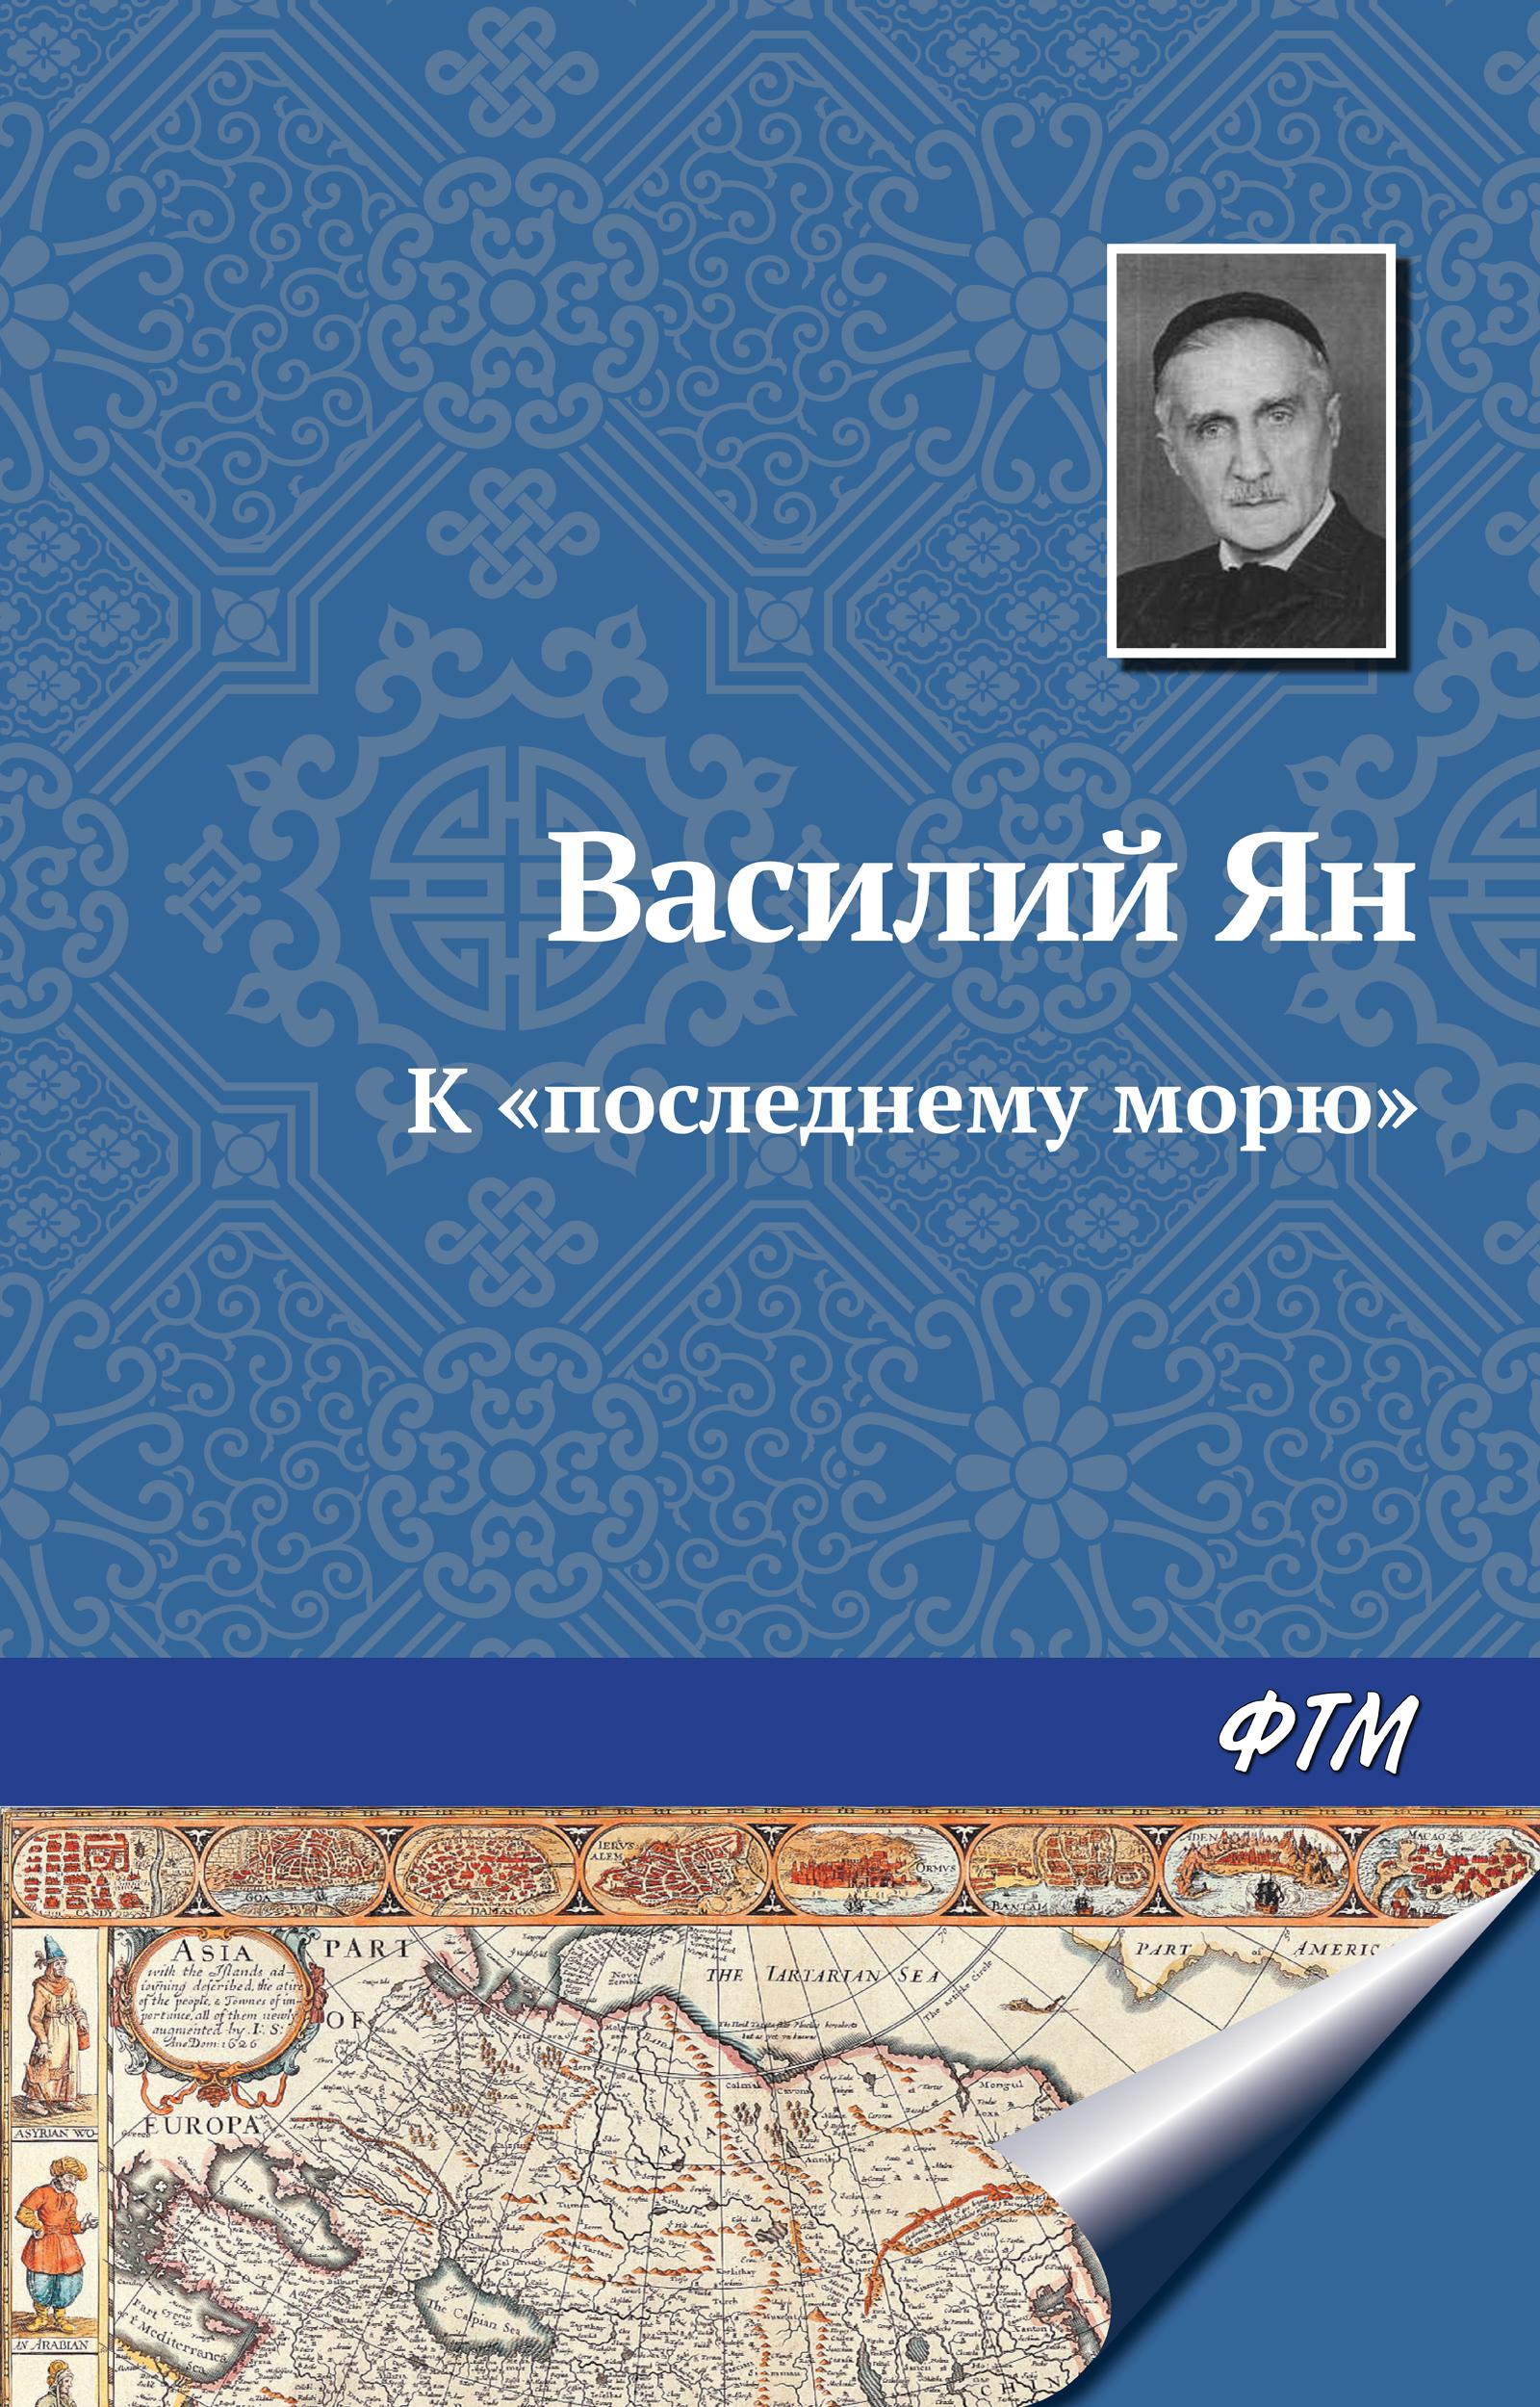 Василий Ян К «последнему морю»